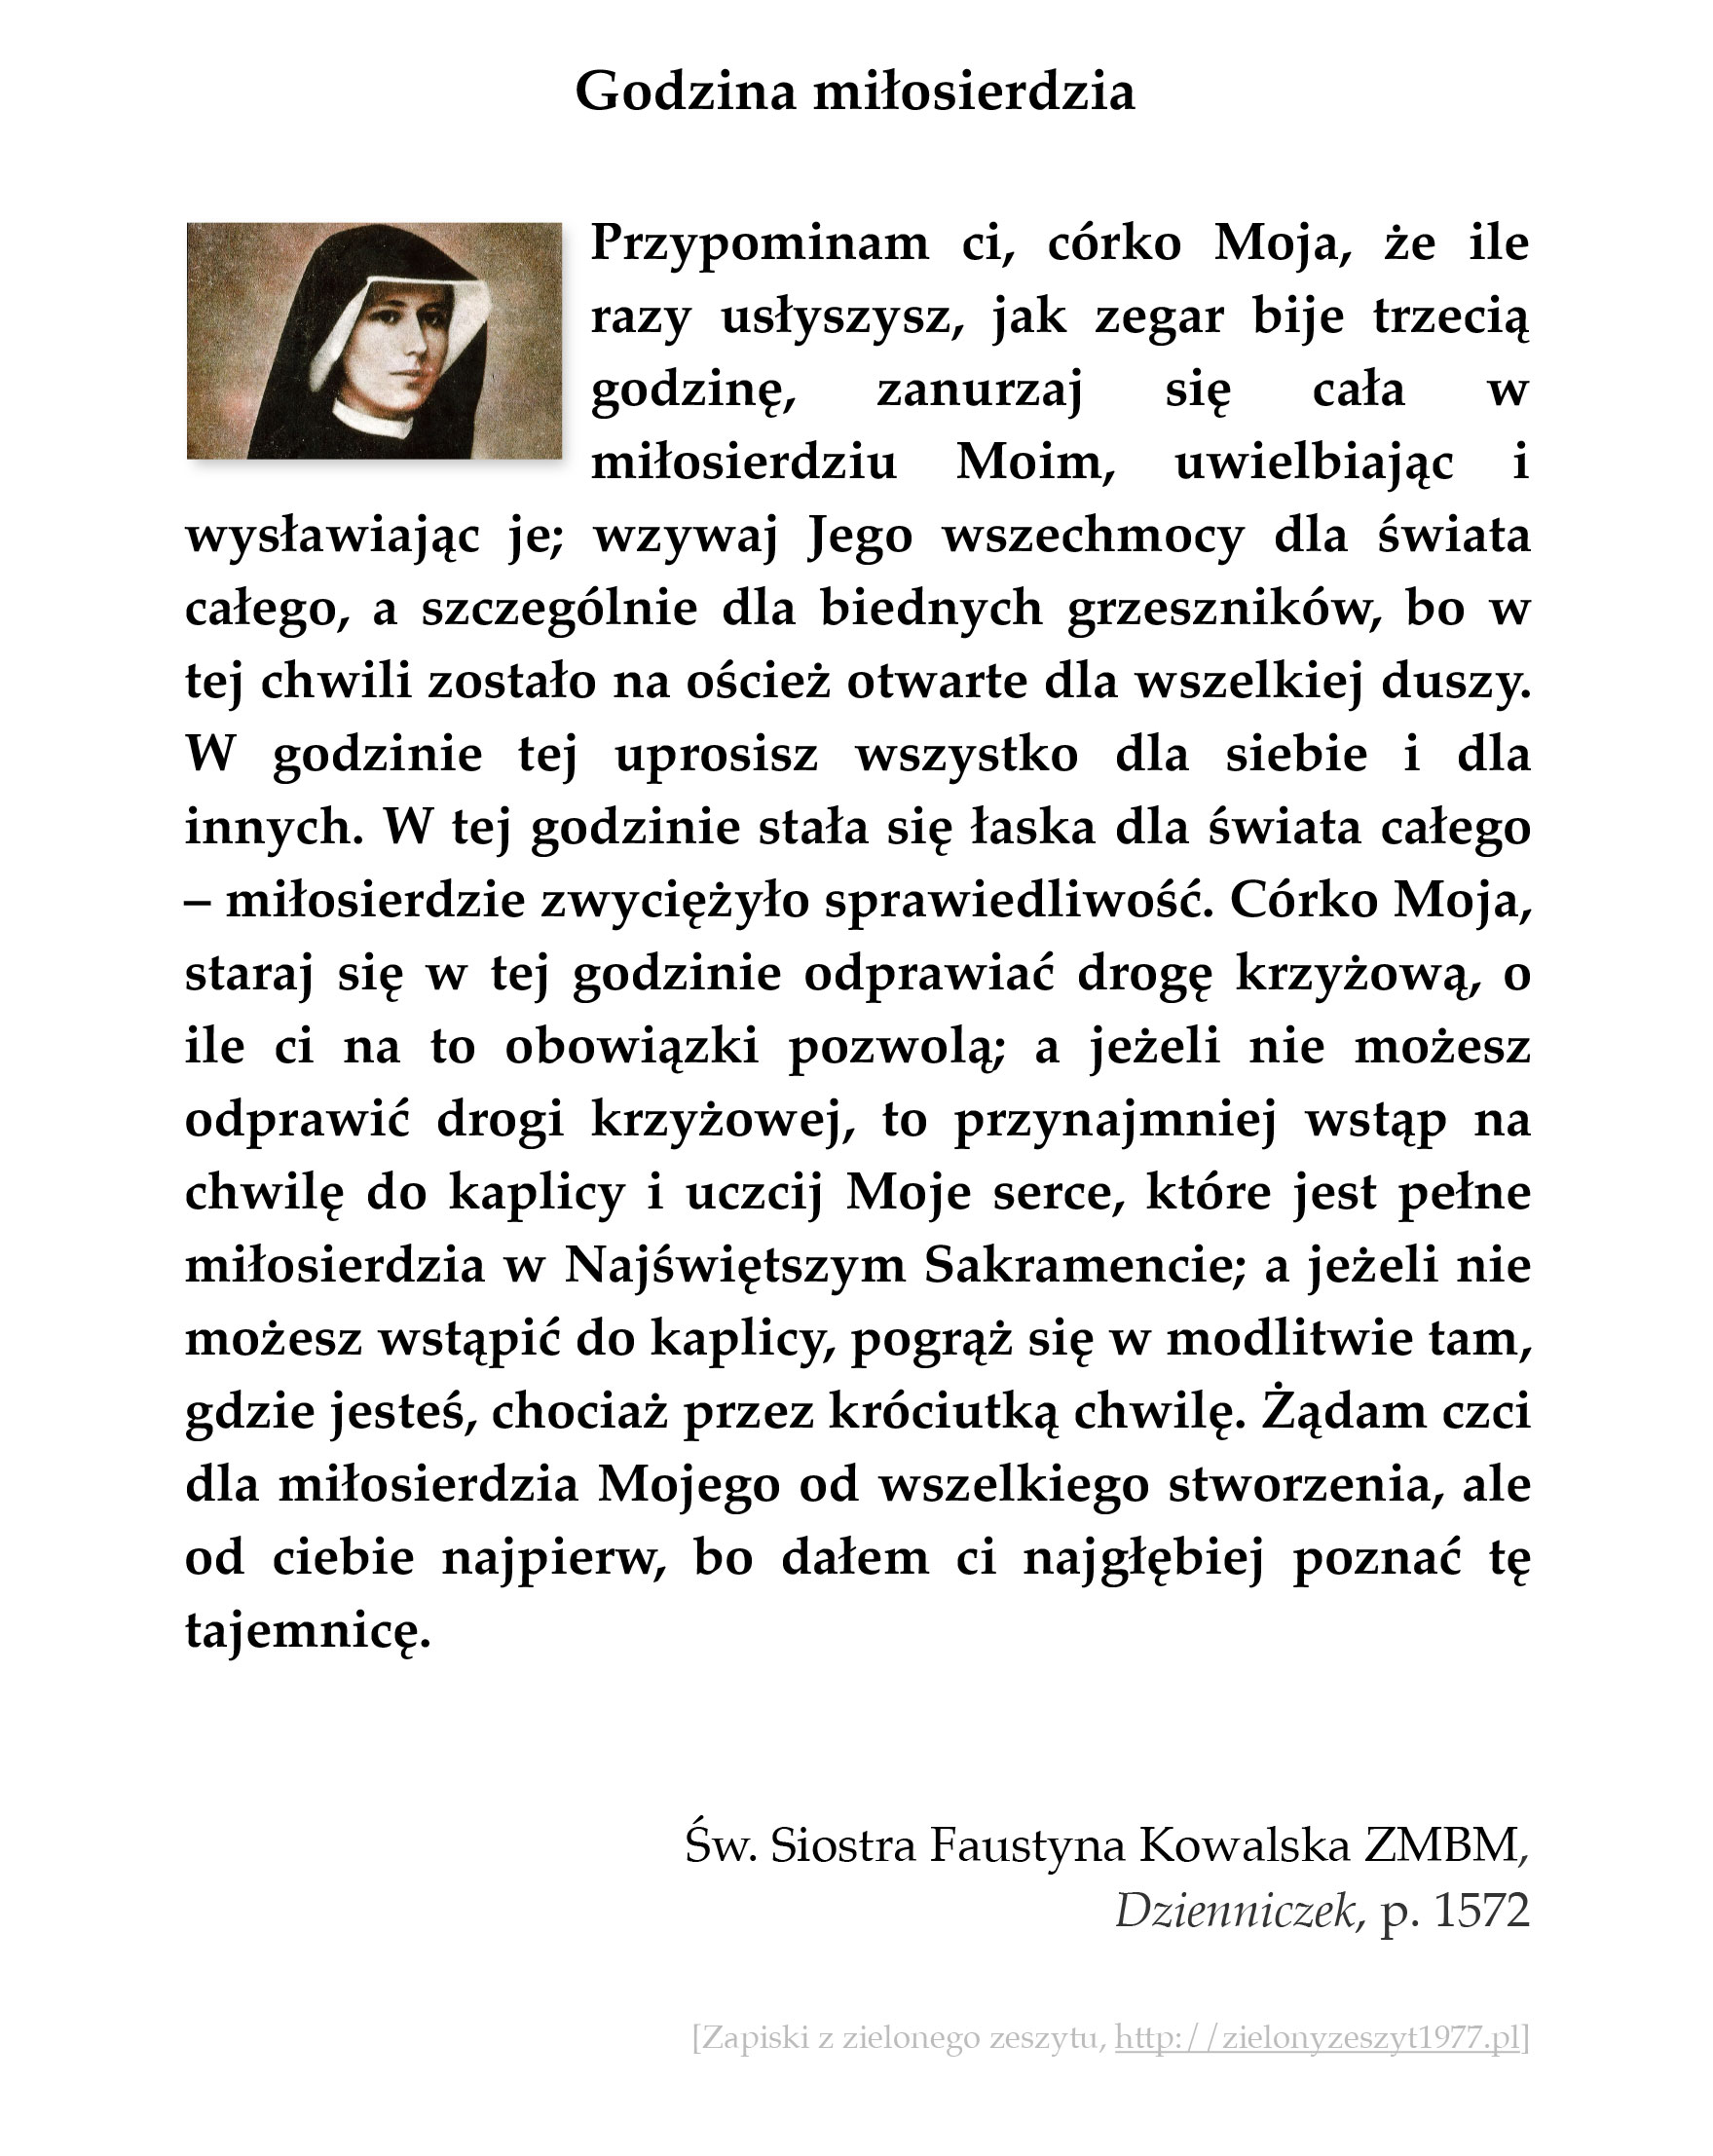 Godzina miłosierdzia; św. Faustyna Kowalska